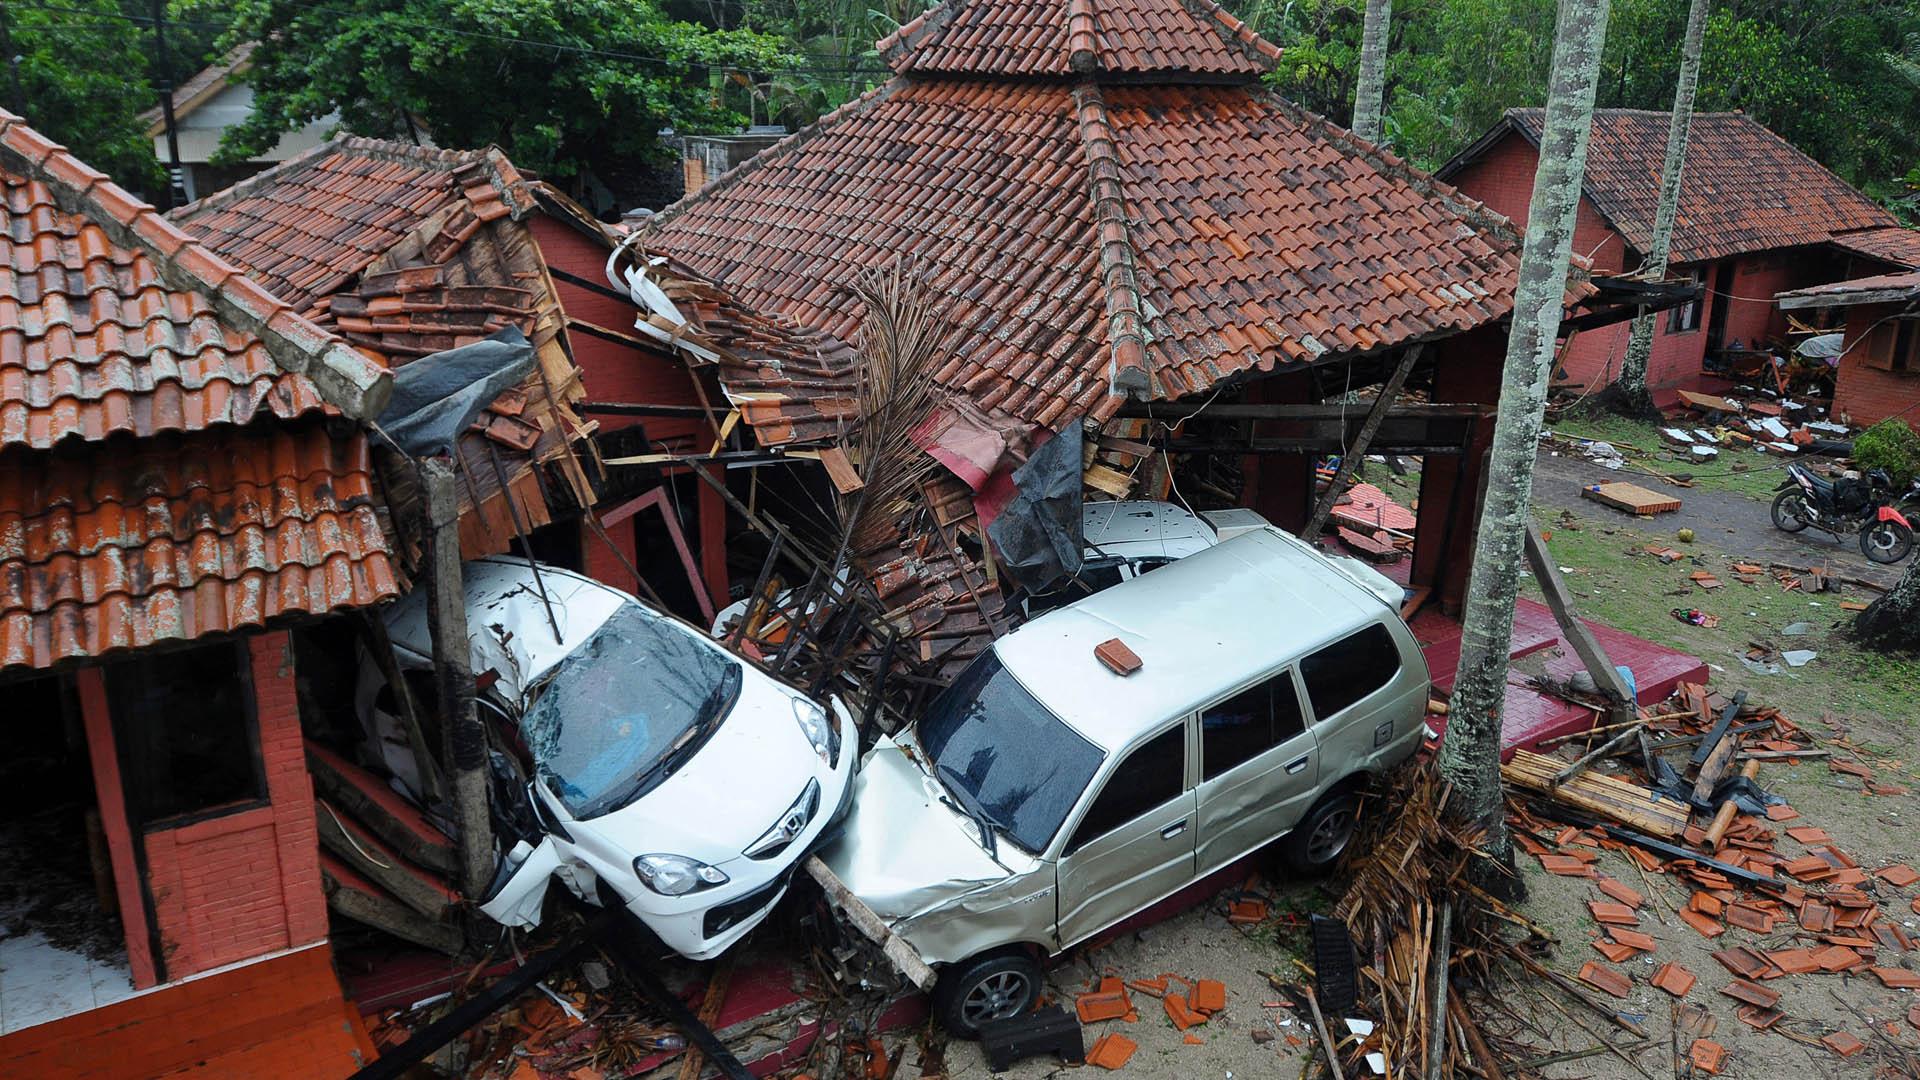 Daños causados por tsunami en Indonesia. Foto de AFP / Dasril Roszandi